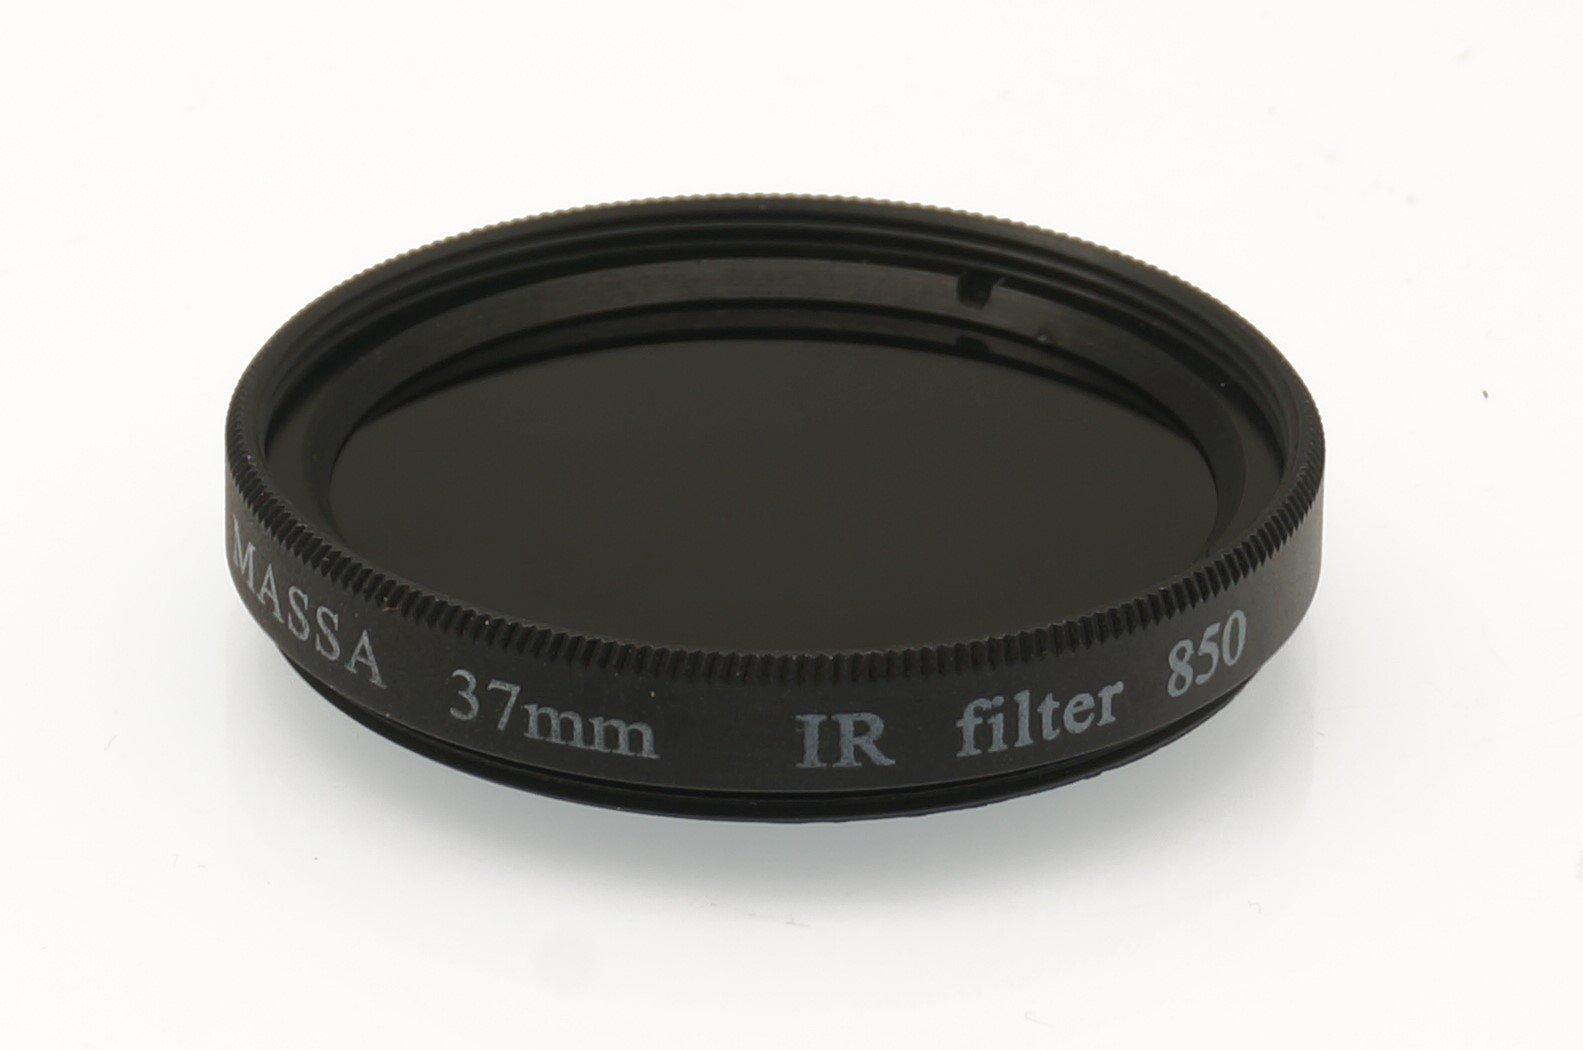 Massa 850nm IR Infrared Filter for Leica D-Lux 6